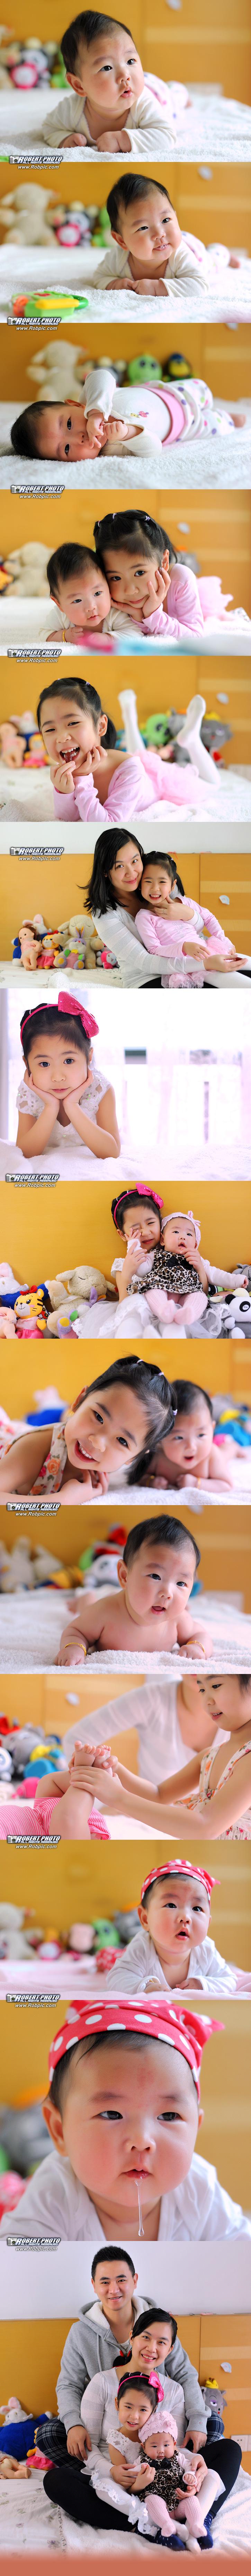 婴儿摄影 小布丁  www.robpic.com